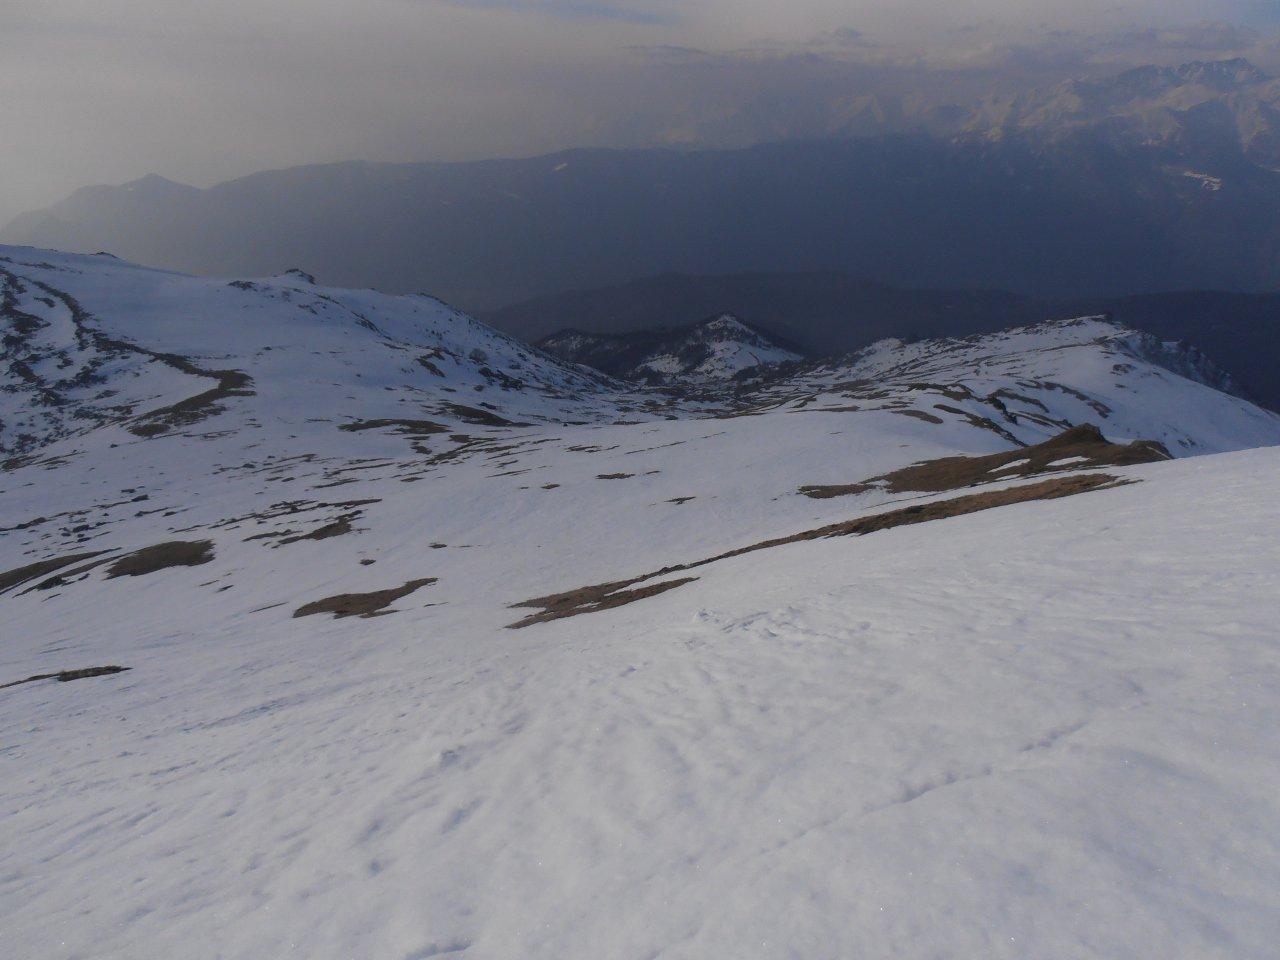 05 - condizioni versante sud punta Sbaron, lungo la dorsale neve continua